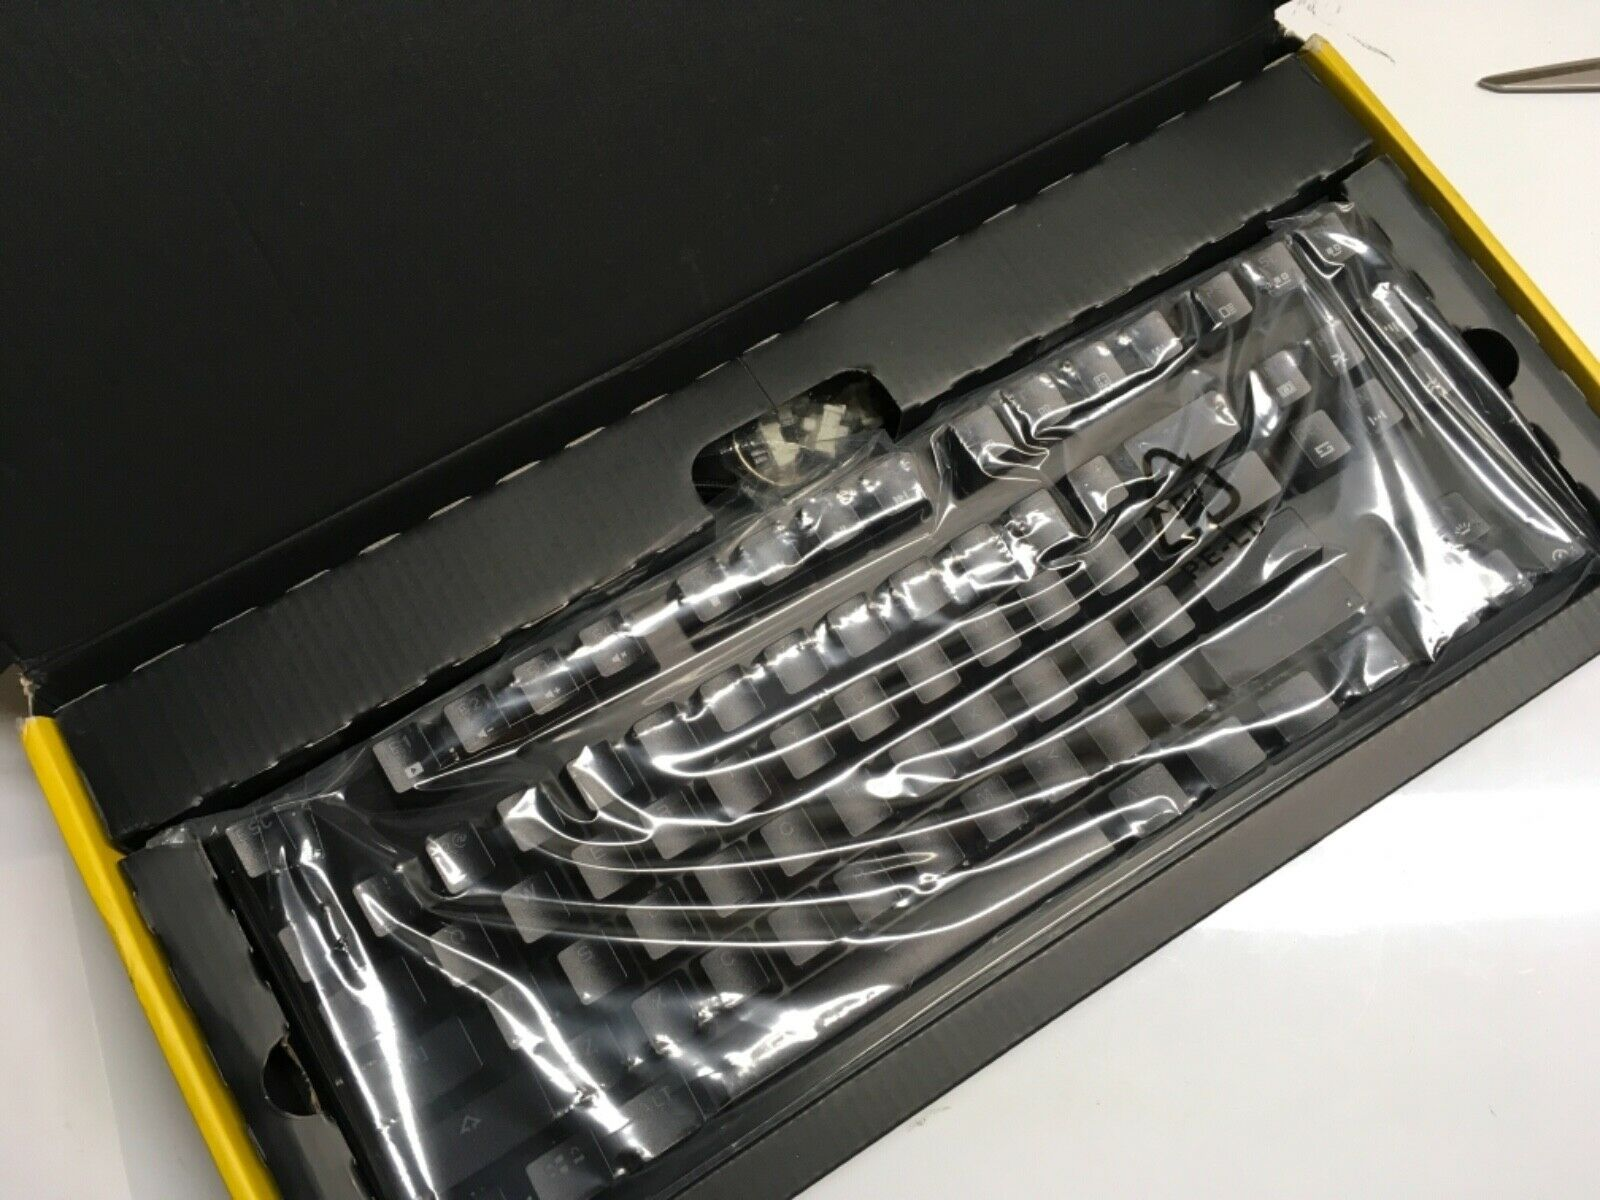 DREVO Tyrfing V2 87Key RGB Backlit Mechanical Gaming Keyboard Black